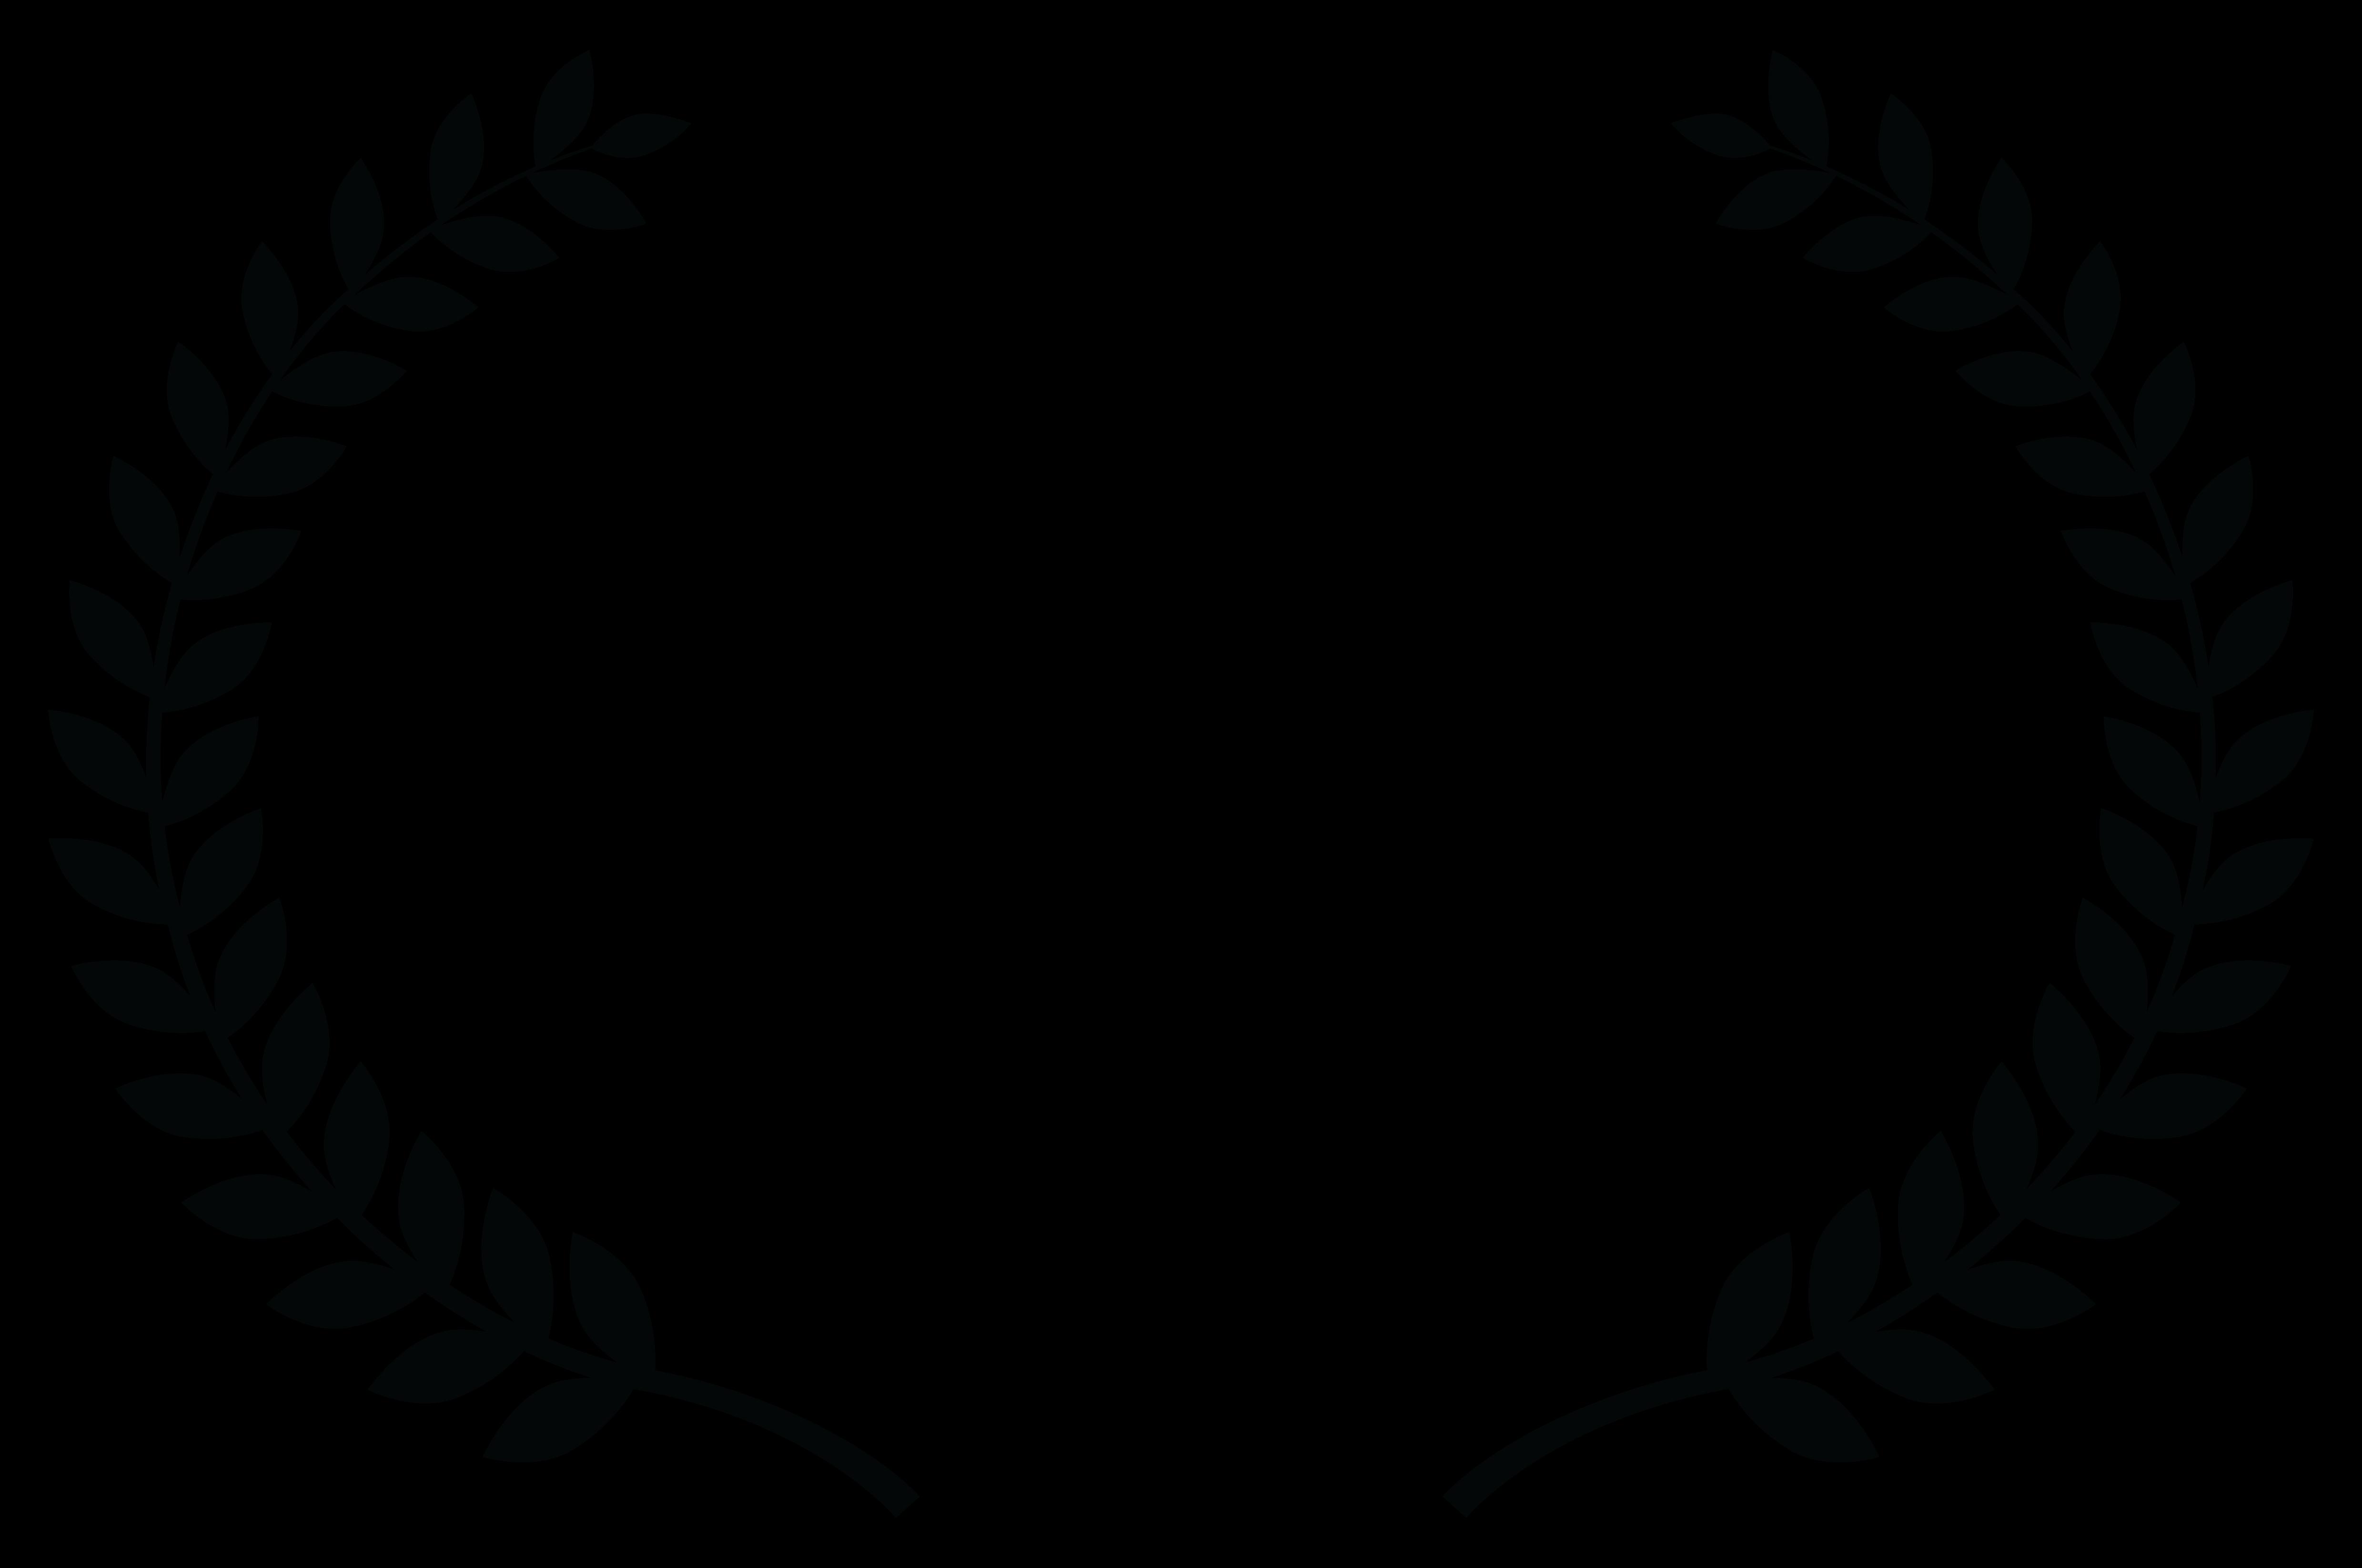 officialselection-sardarvallabhbhaipatelinternationalfilmfestival-2020